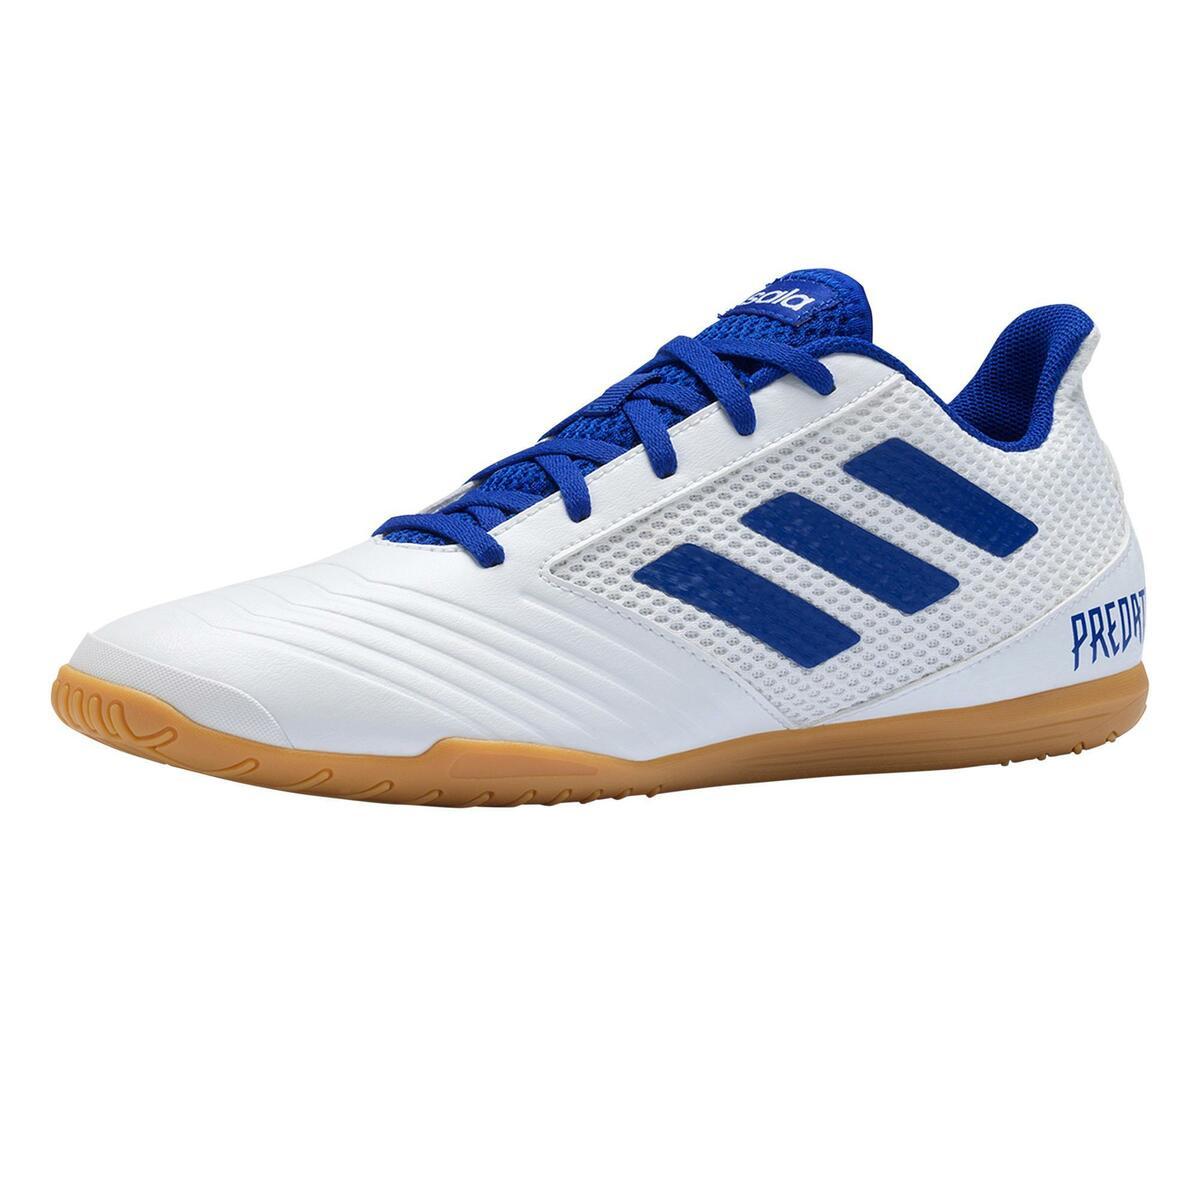 Bild 1 von Hallenschuhe Futsal Fußball Predator Tango 4 FS19 Erwachsene weiß/blau